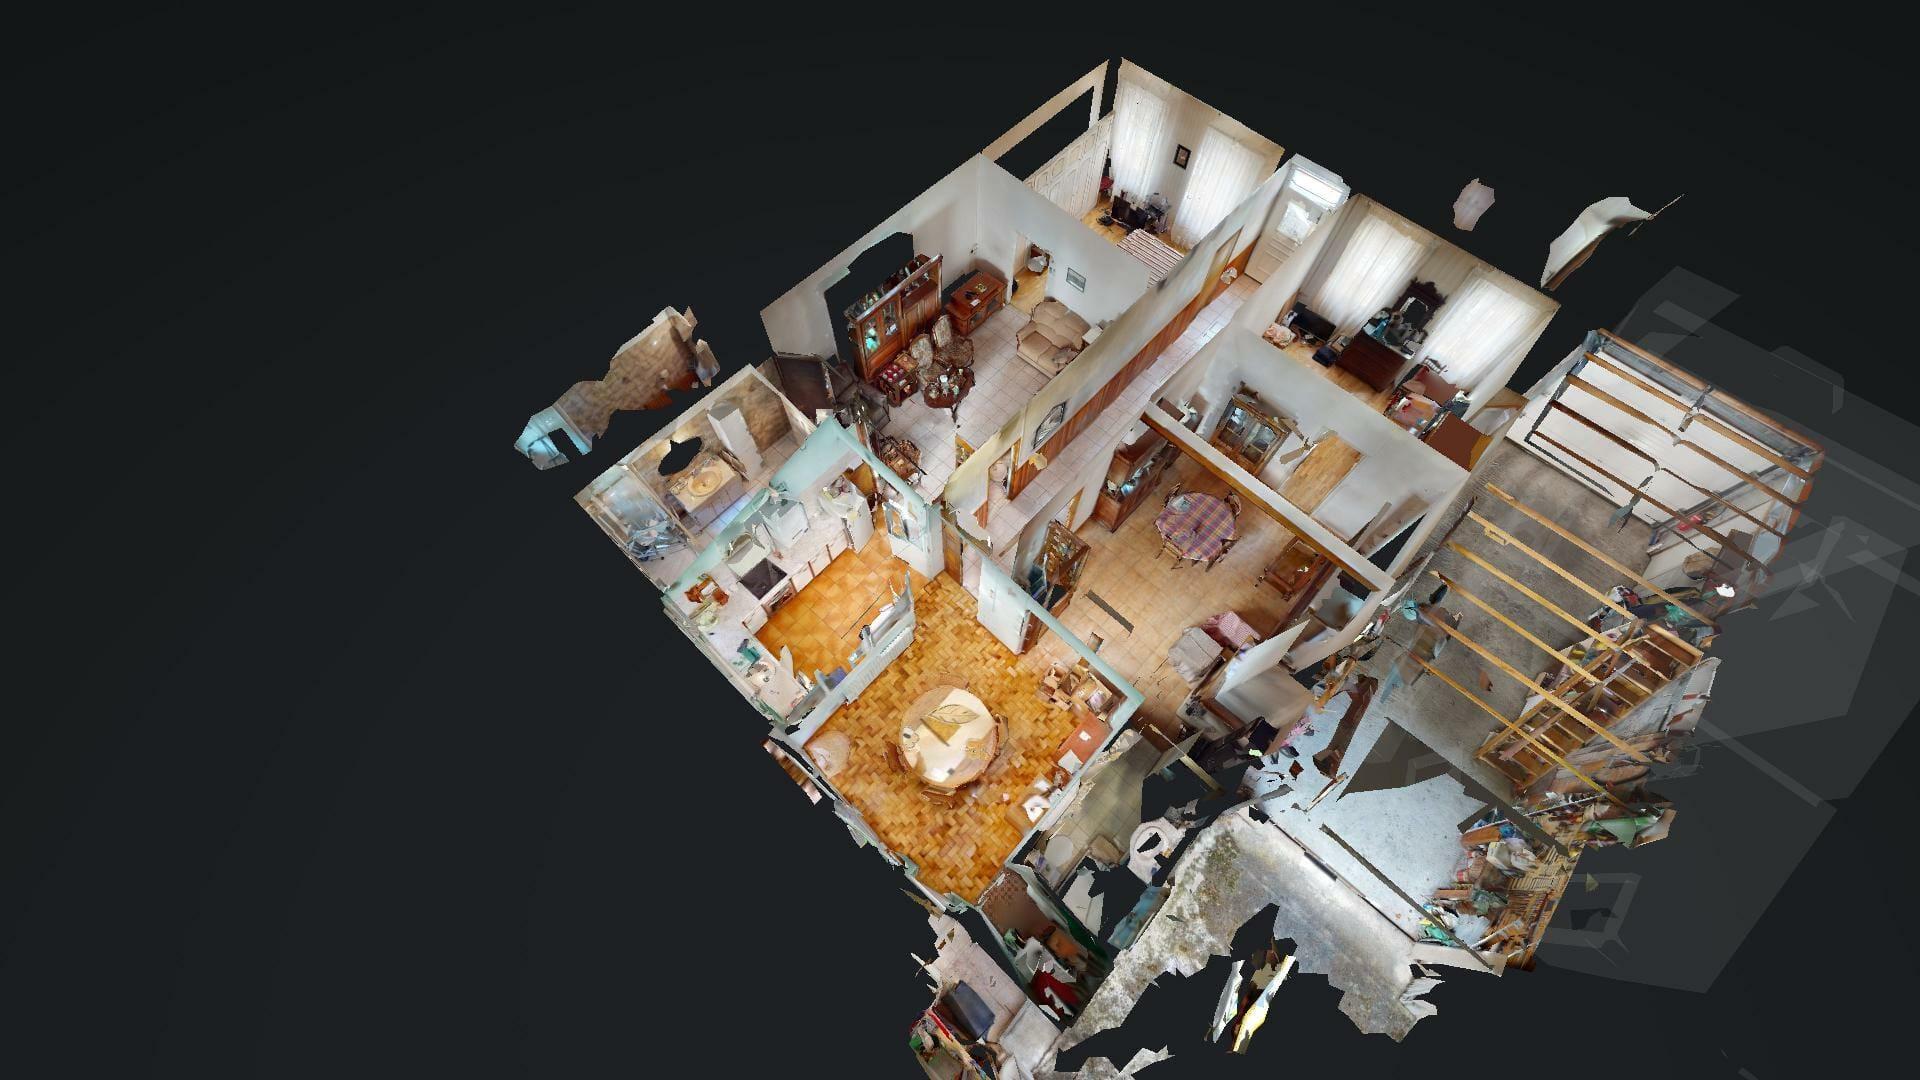 Toulousaine-Fiere-de-letre-Urbanhouse360